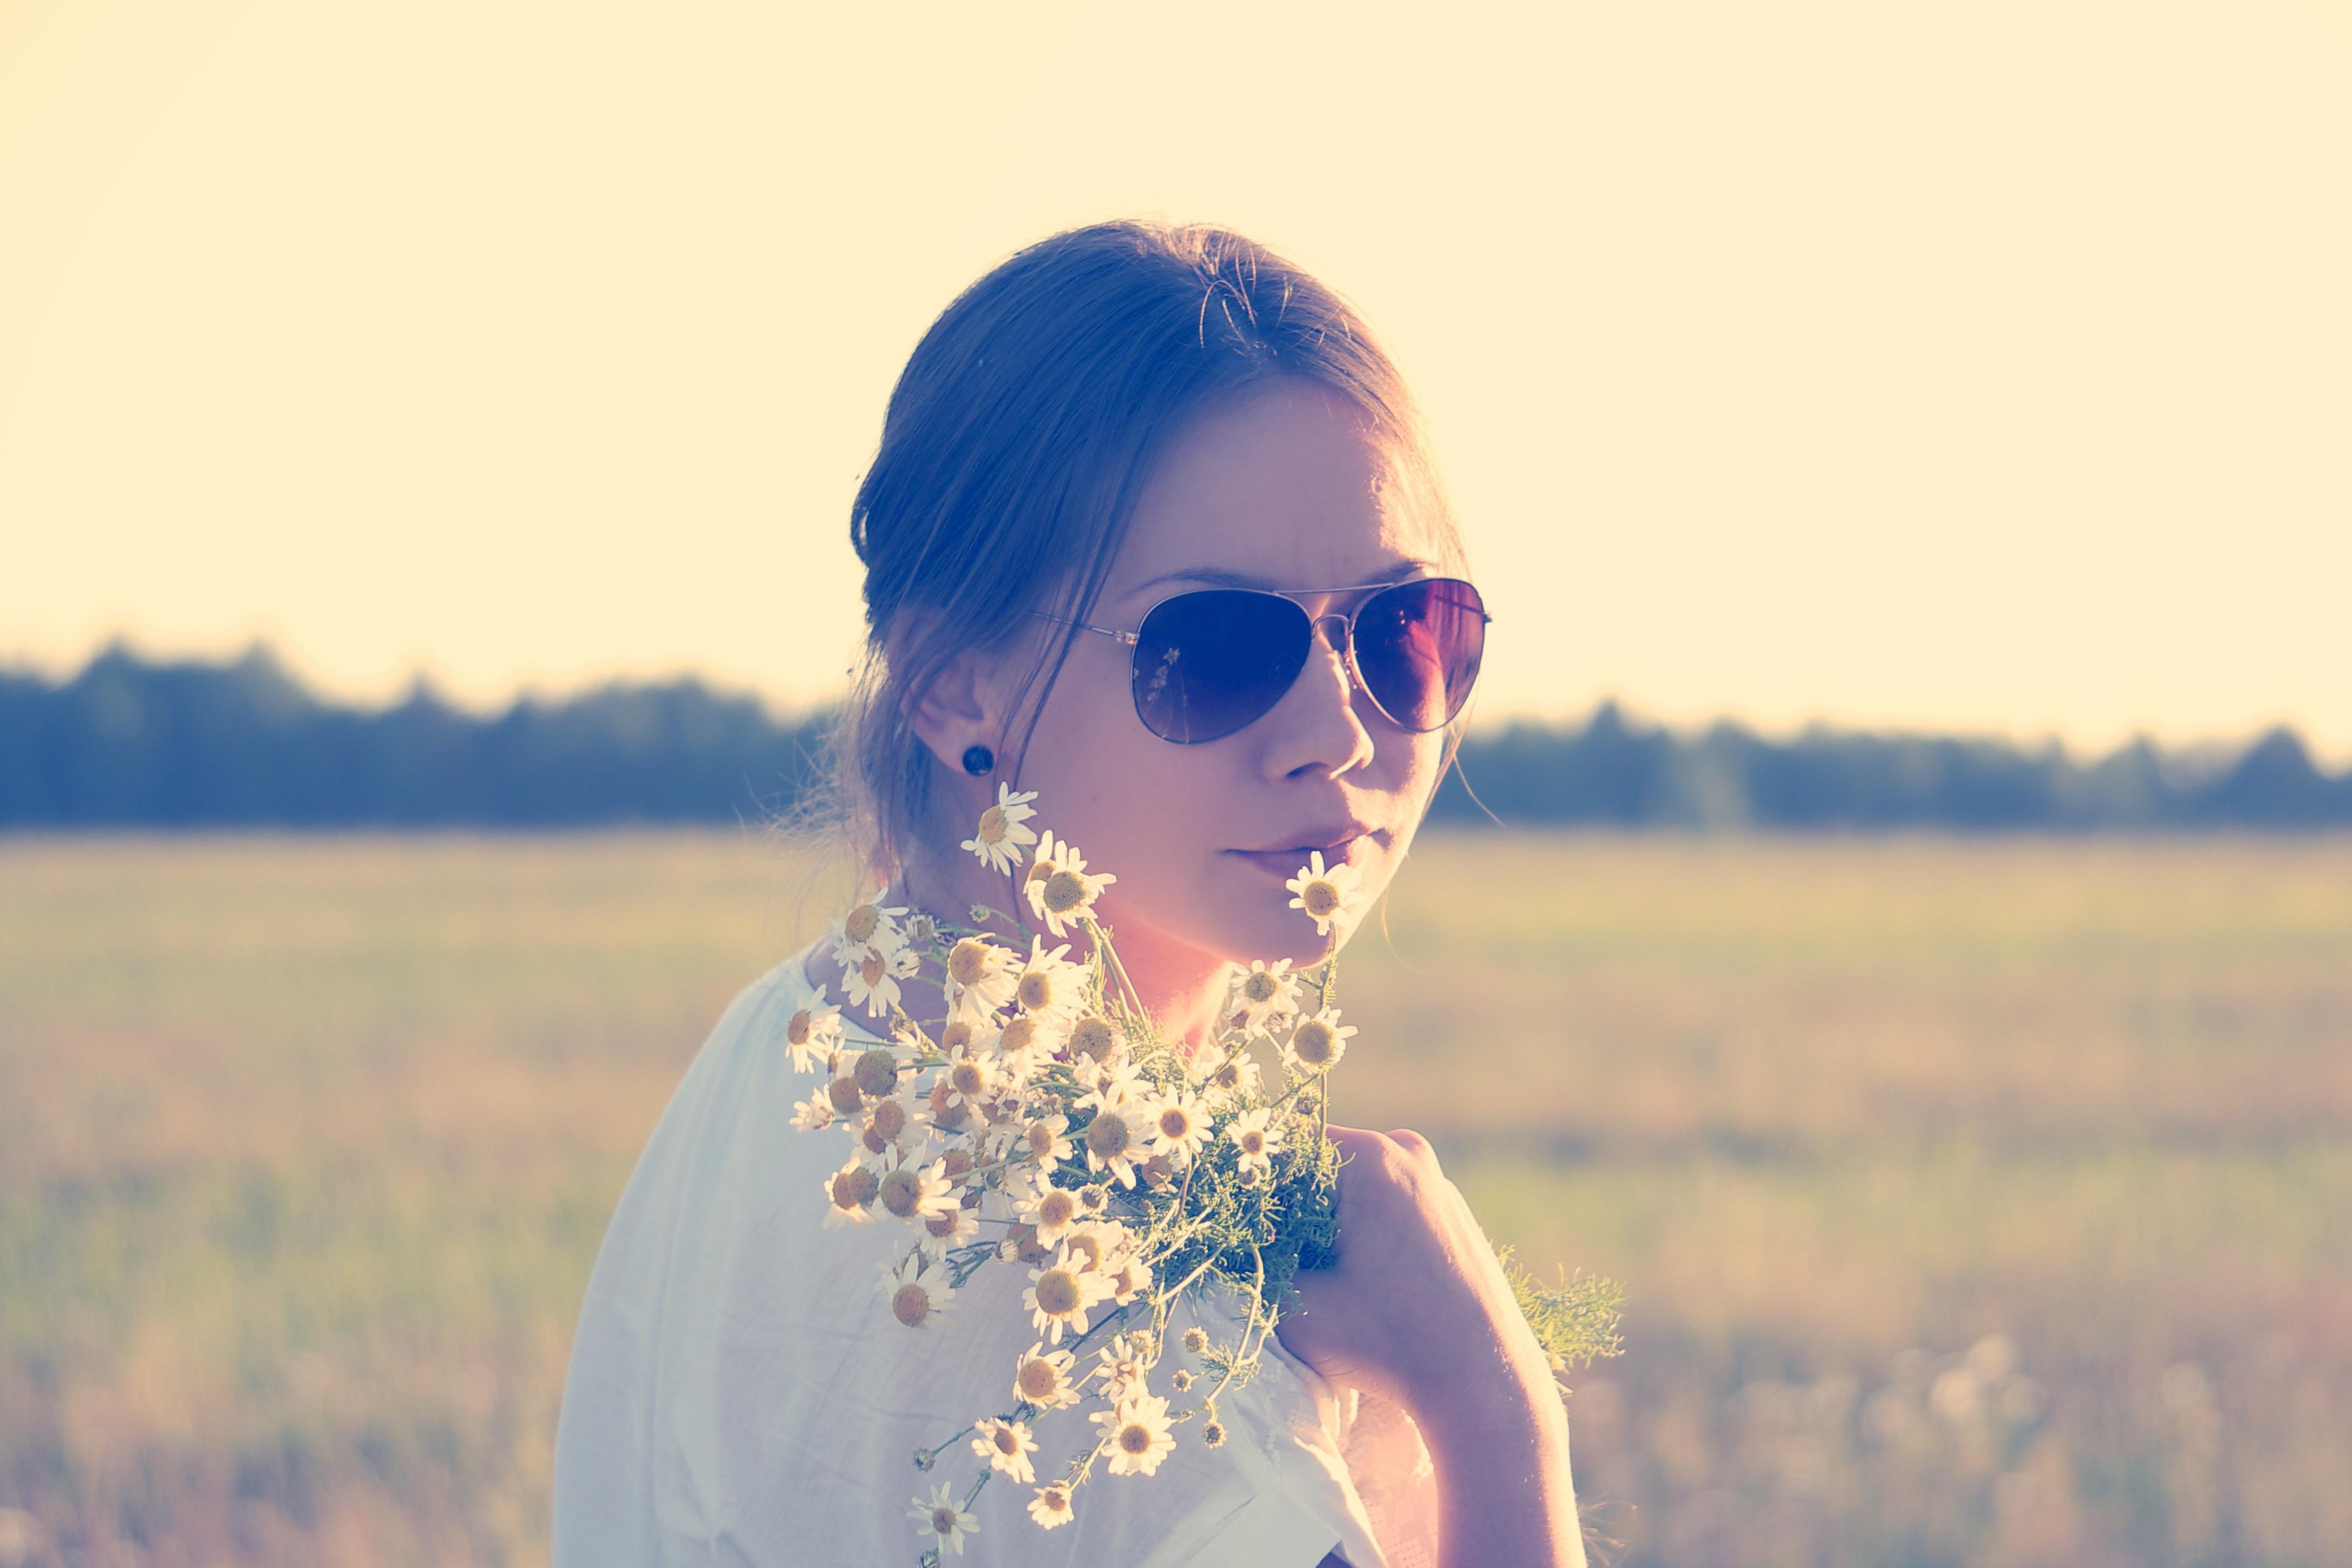 девушка женщина волосы фотография Солнечный лучик цветок женский пол  портрет весна цвет Синий время года улыбка 8a1e7646cd0